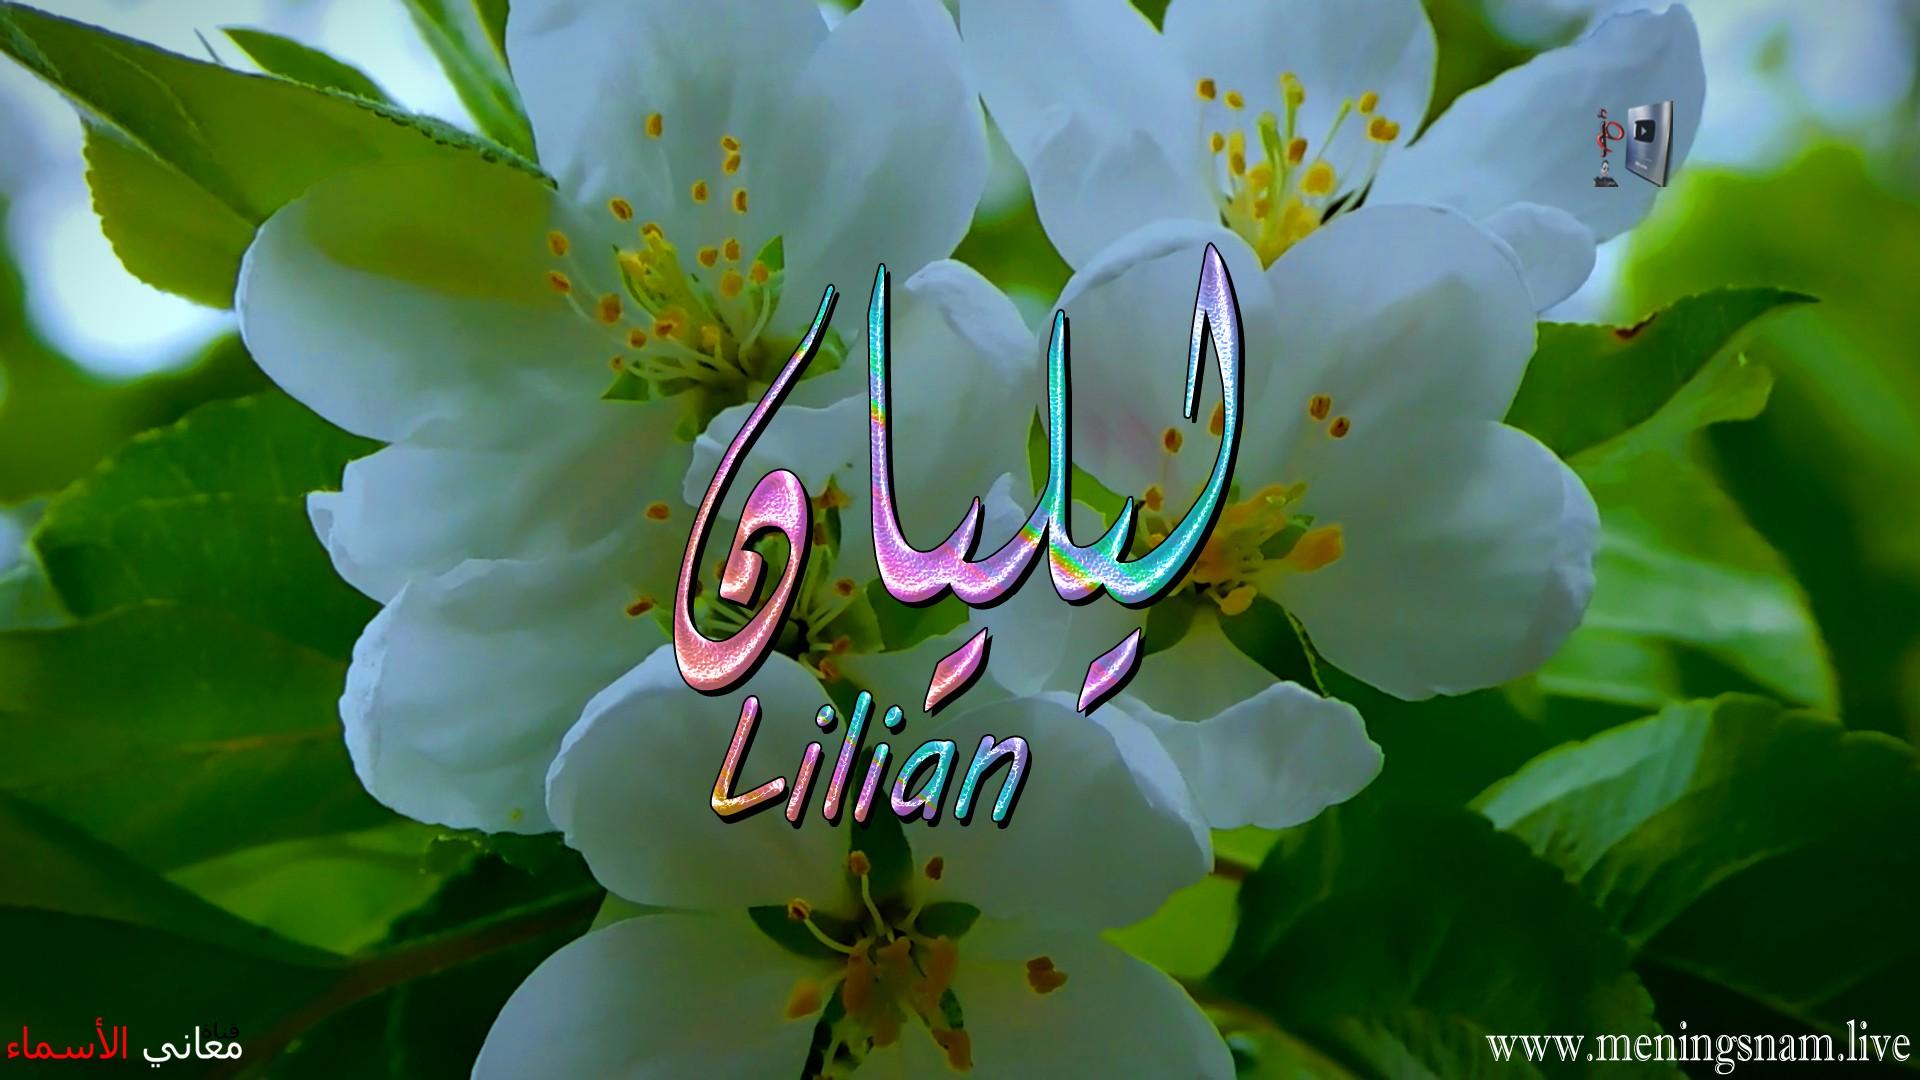 معنى اسم ليليان وصفات حاملة هذا الاسم Lilian